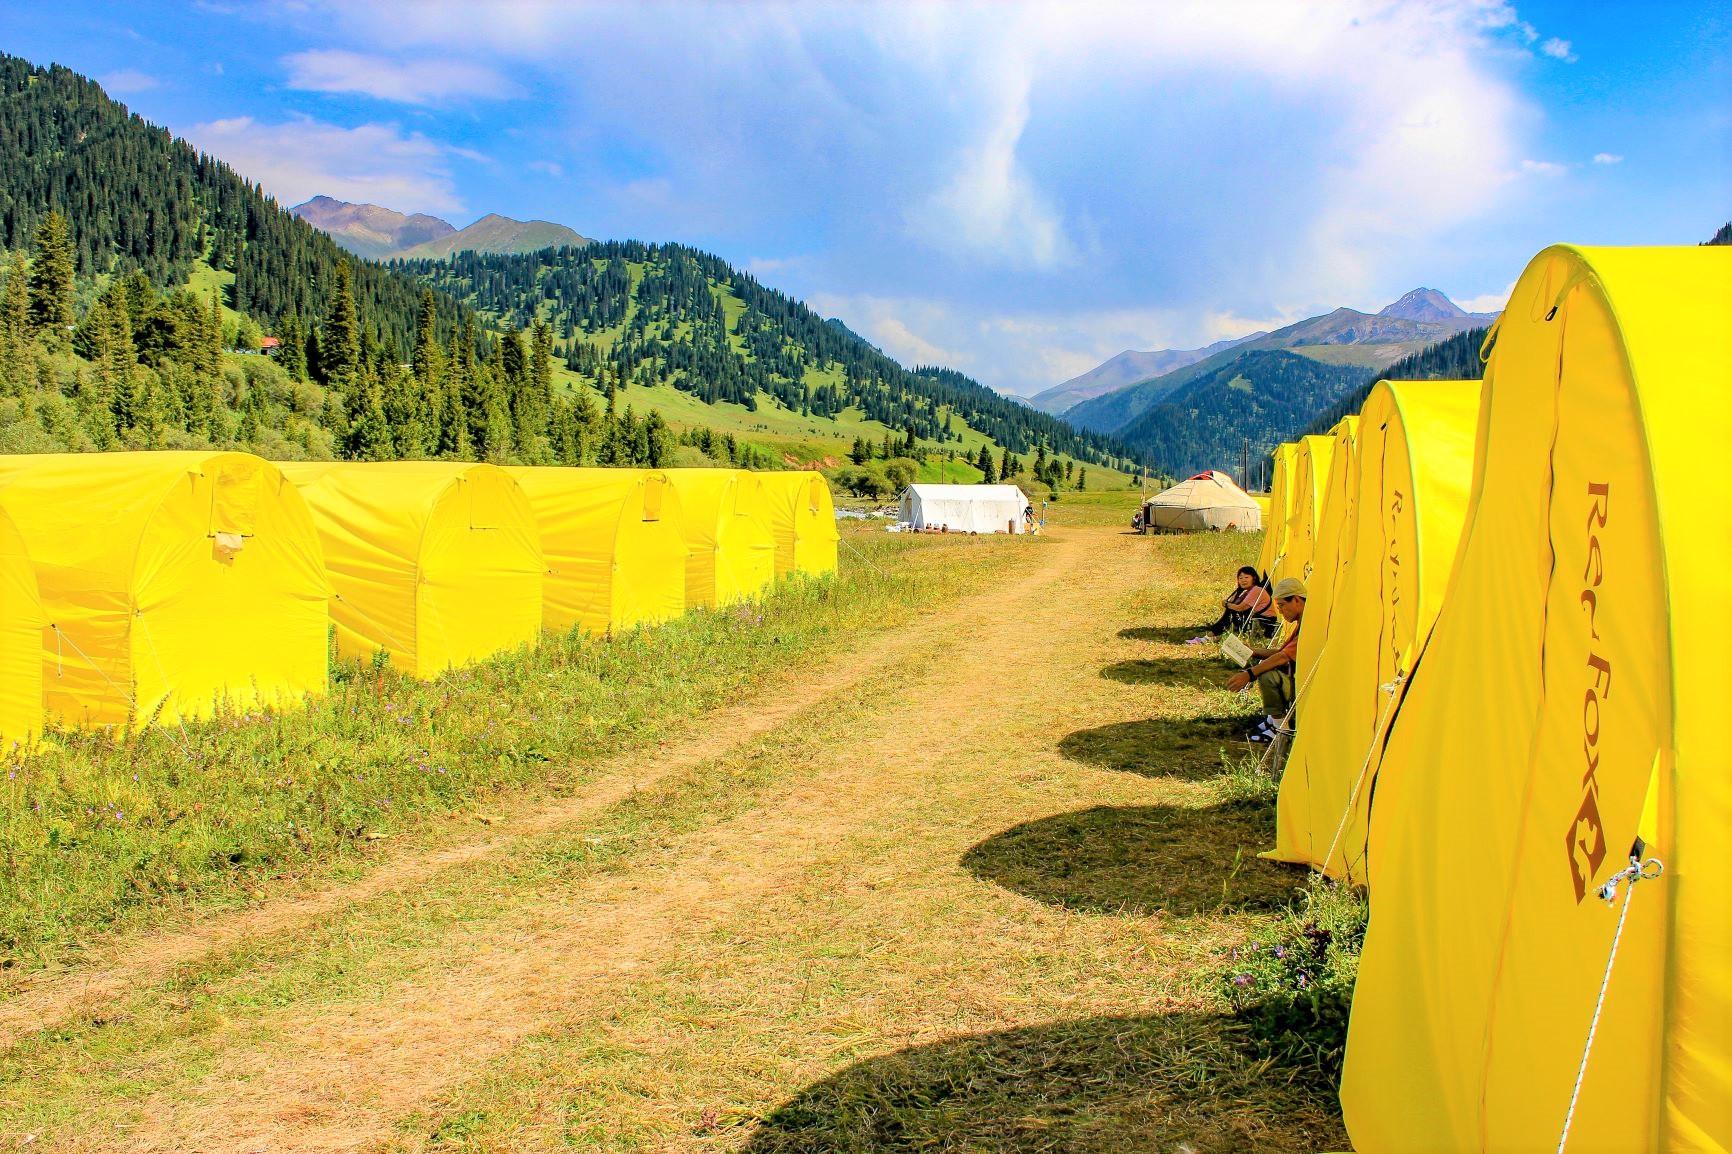 緑豊かで快適なカルカラのキャンプ地